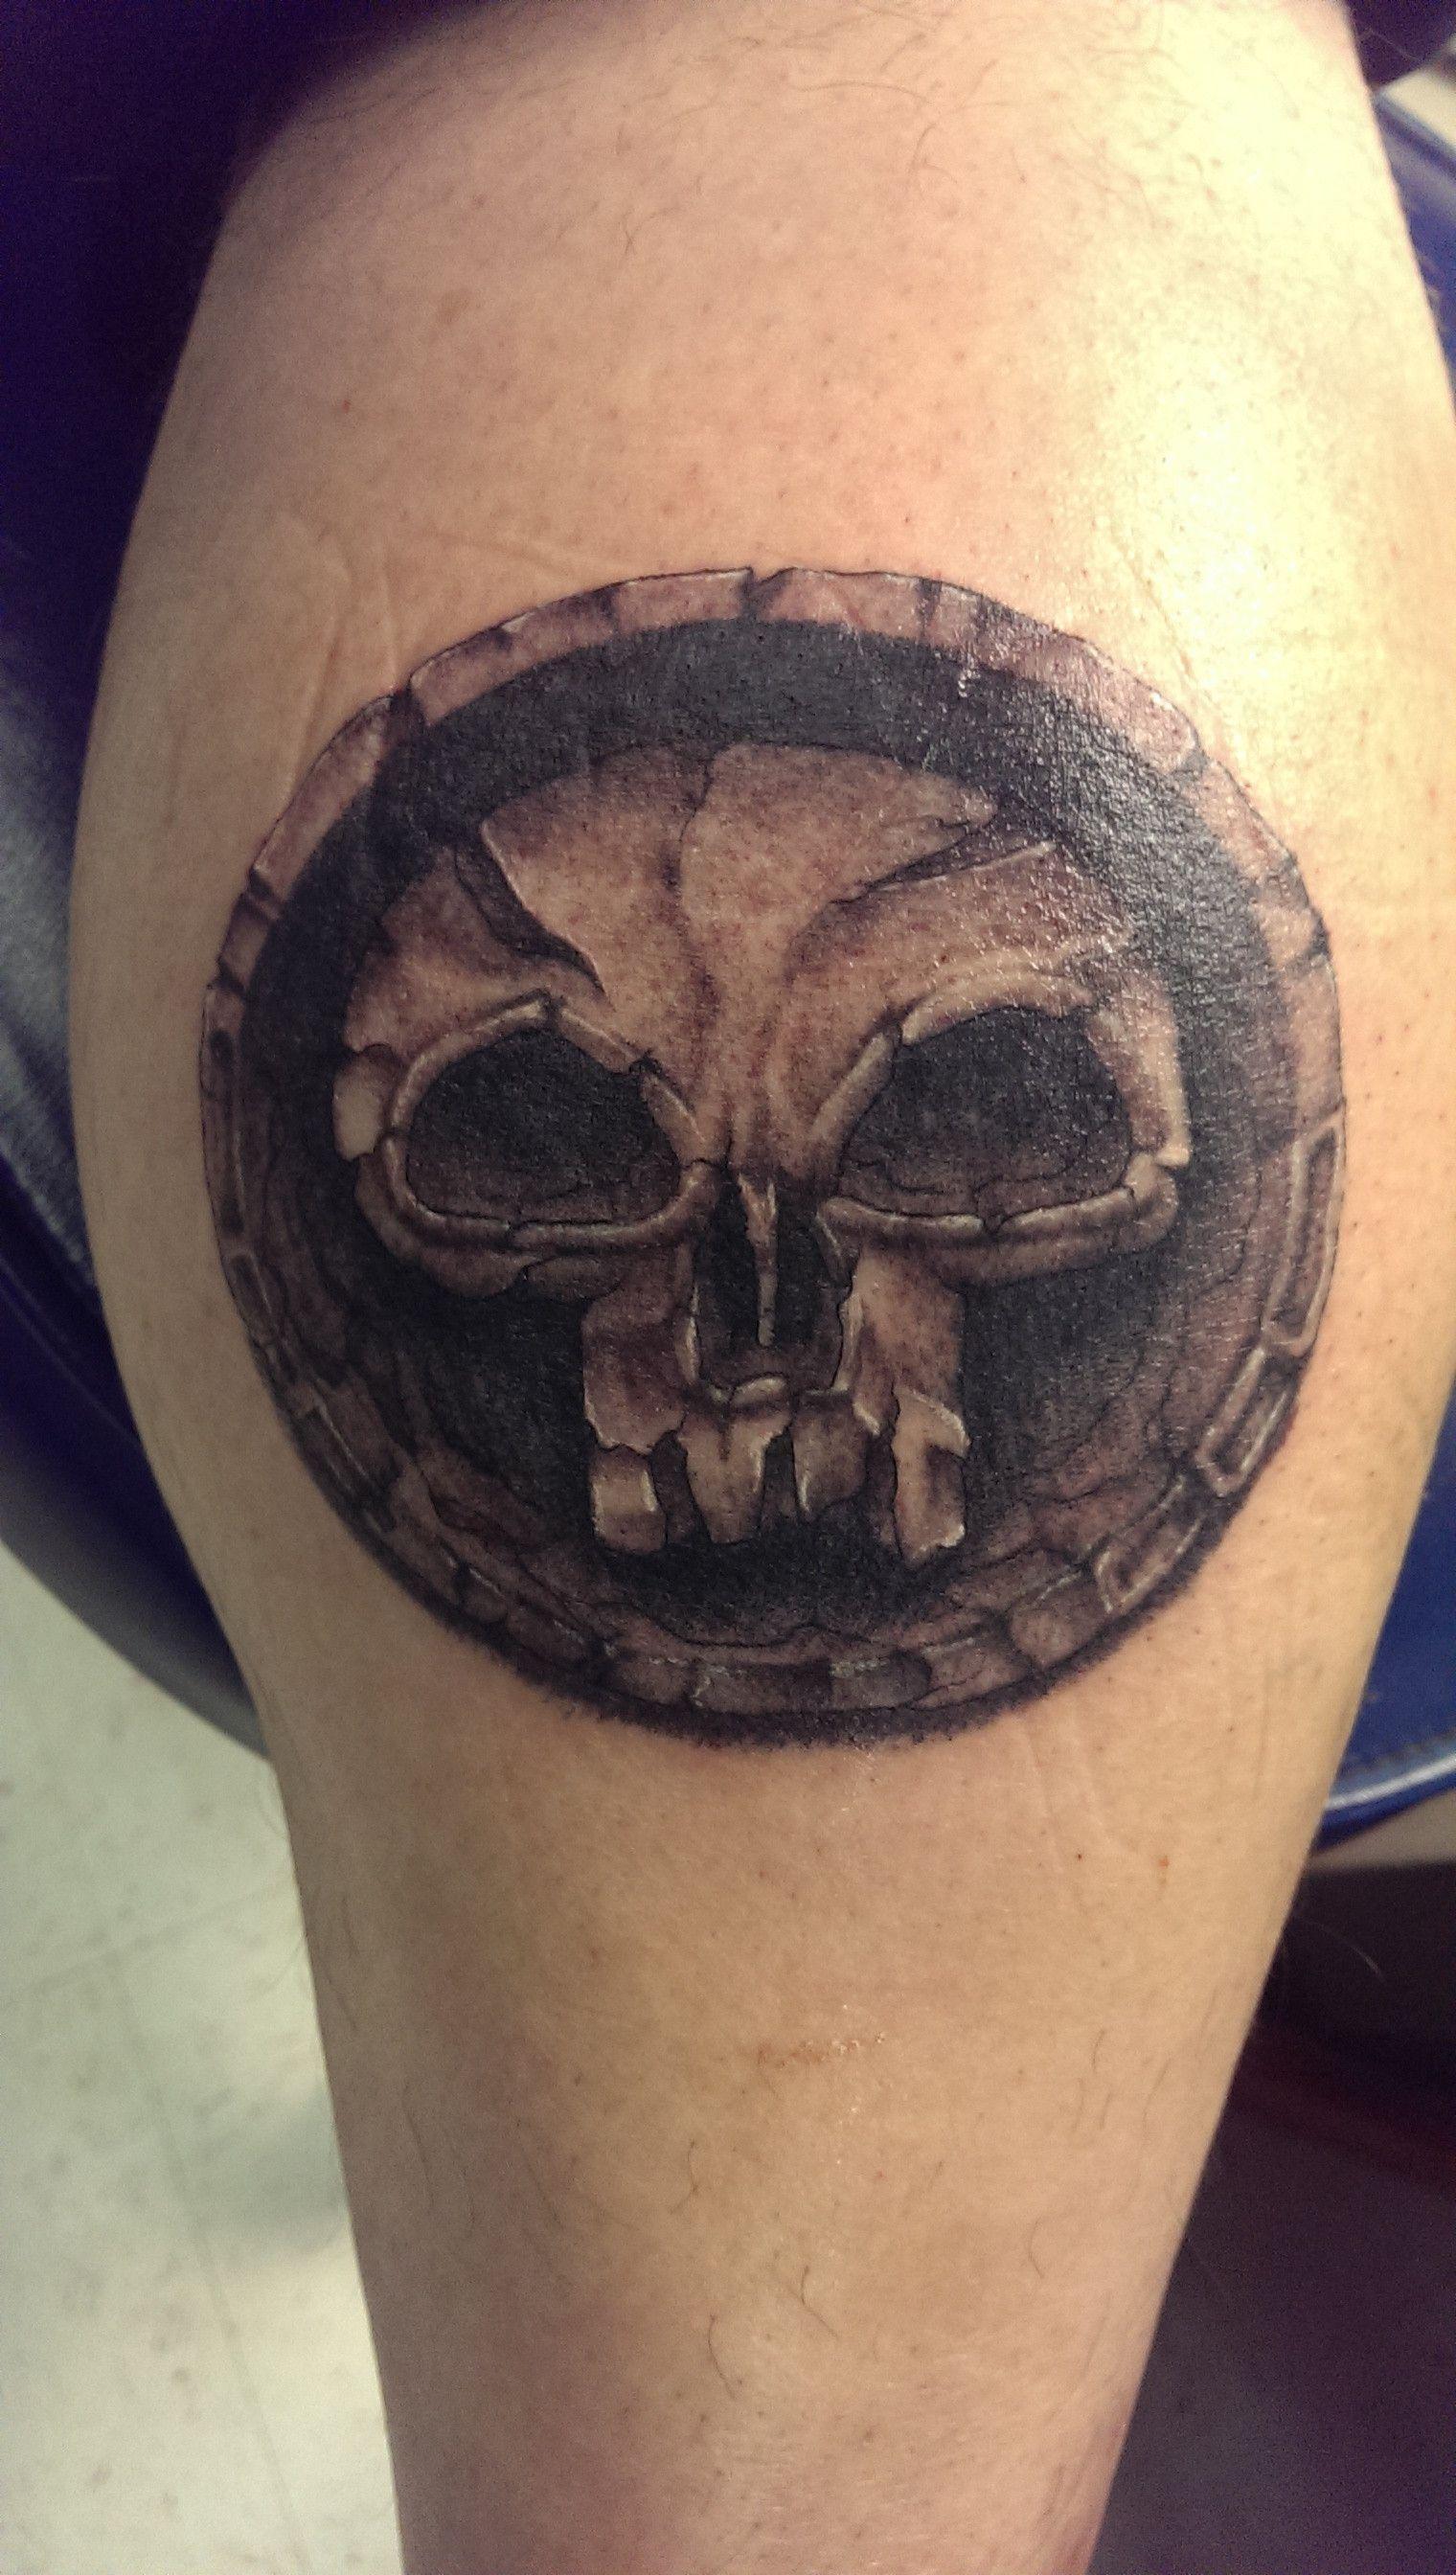 Jma4l7tg 15202688 pixels tats pinterest symbols magic the gathering black mana symbol sean diego hypnotik tattooz biocorpaavc